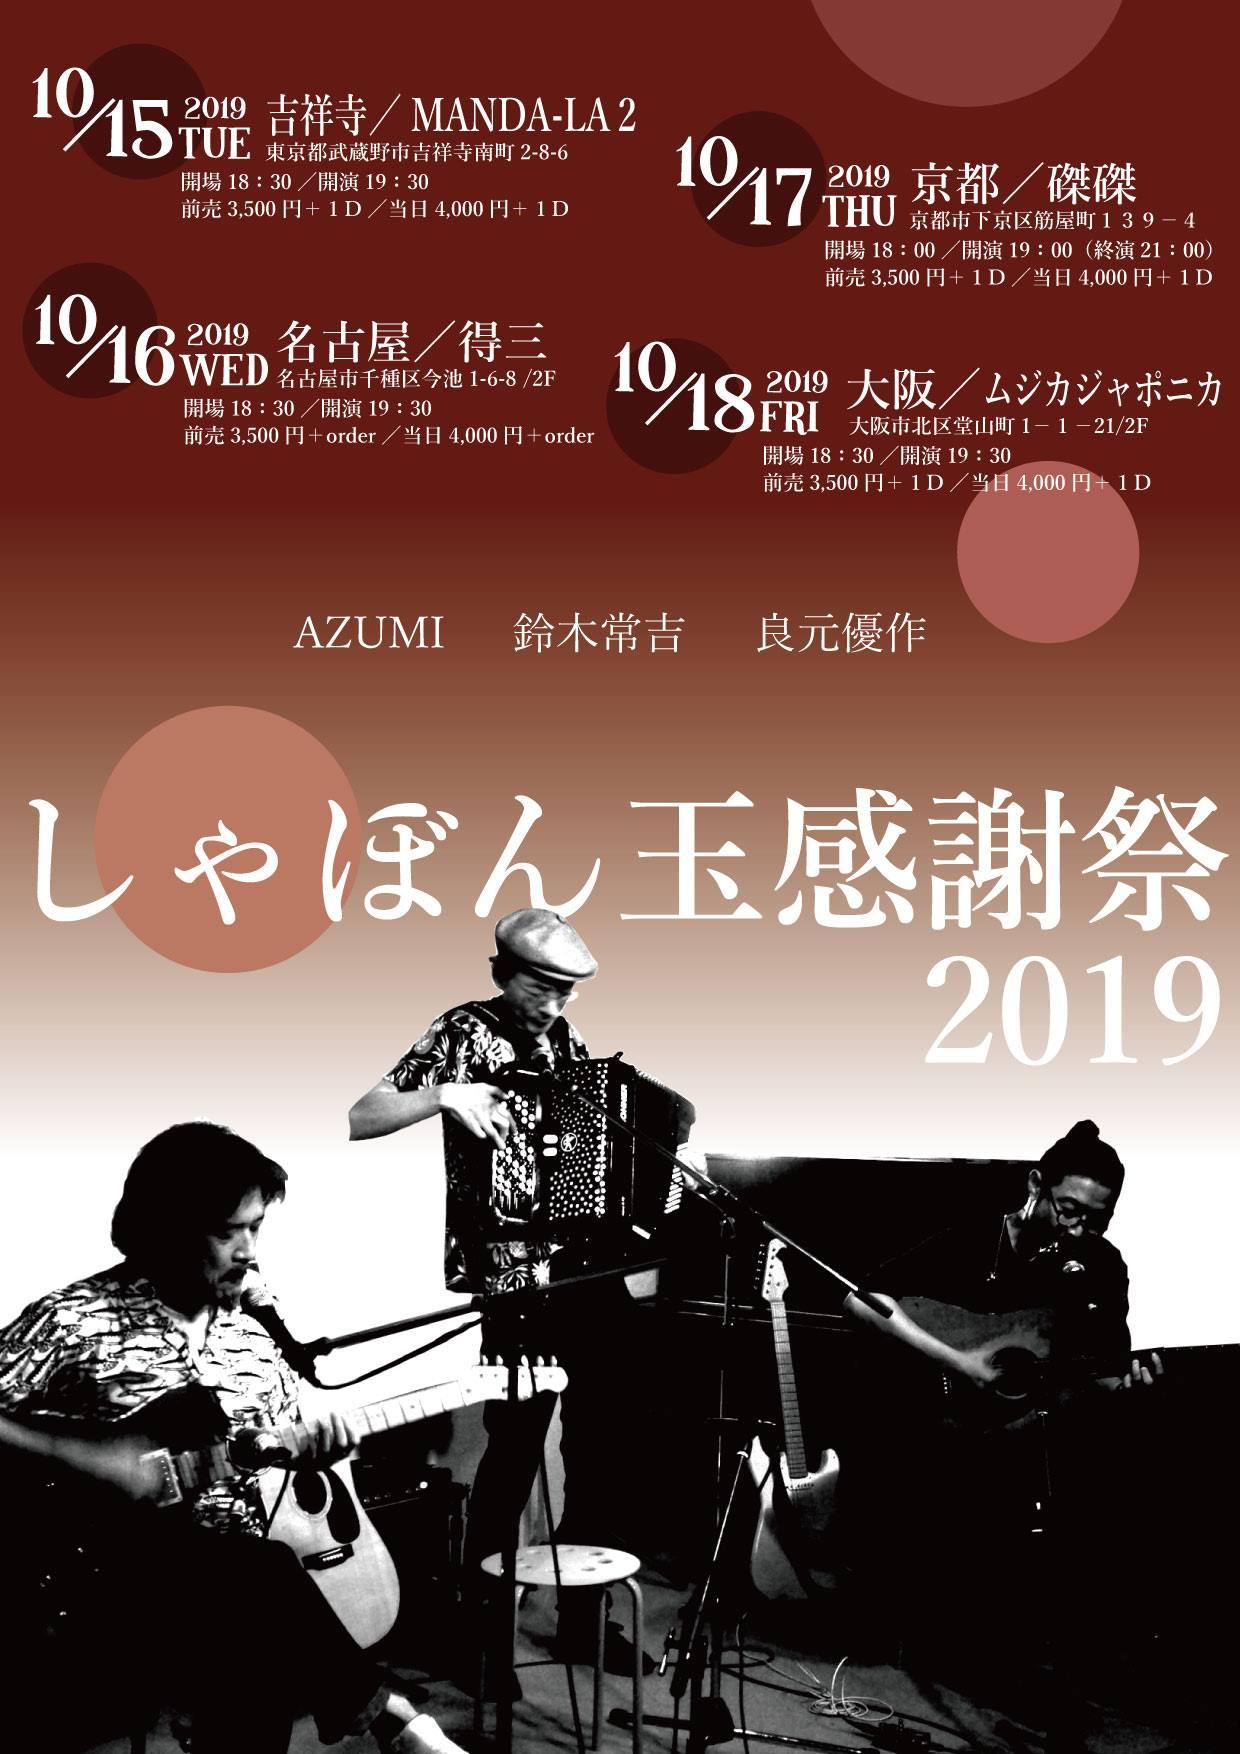 『しゃぼん玉感謝祭2019』